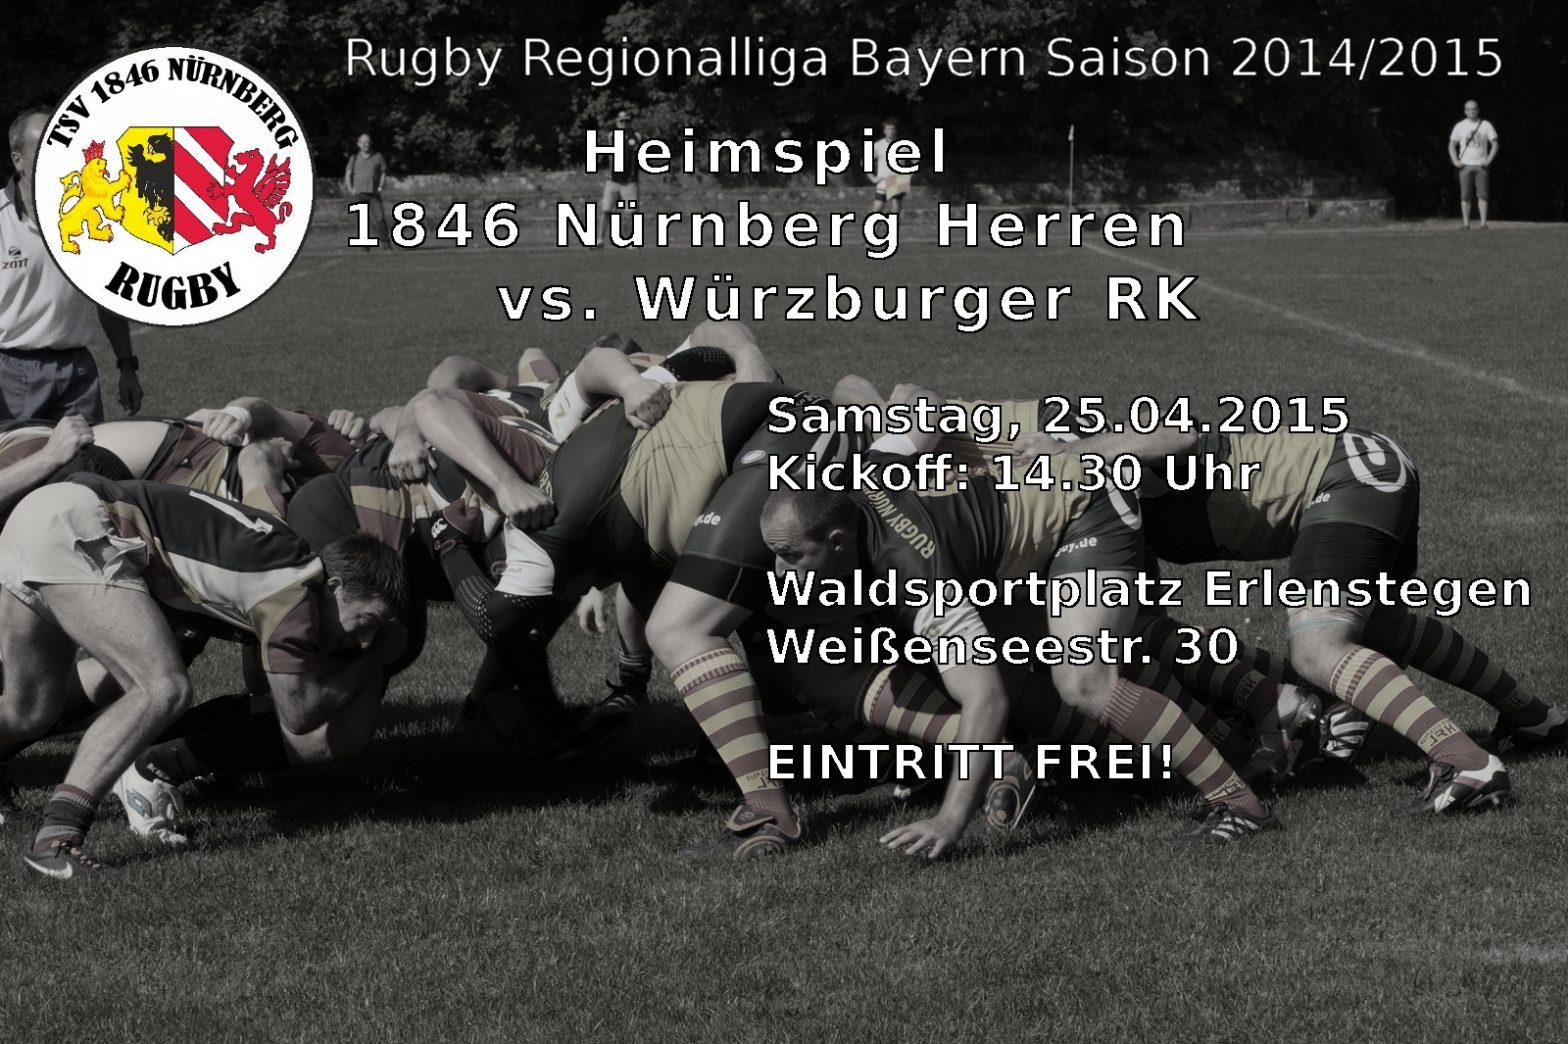 Heimspiel am Samstag vs. Würzburger RK